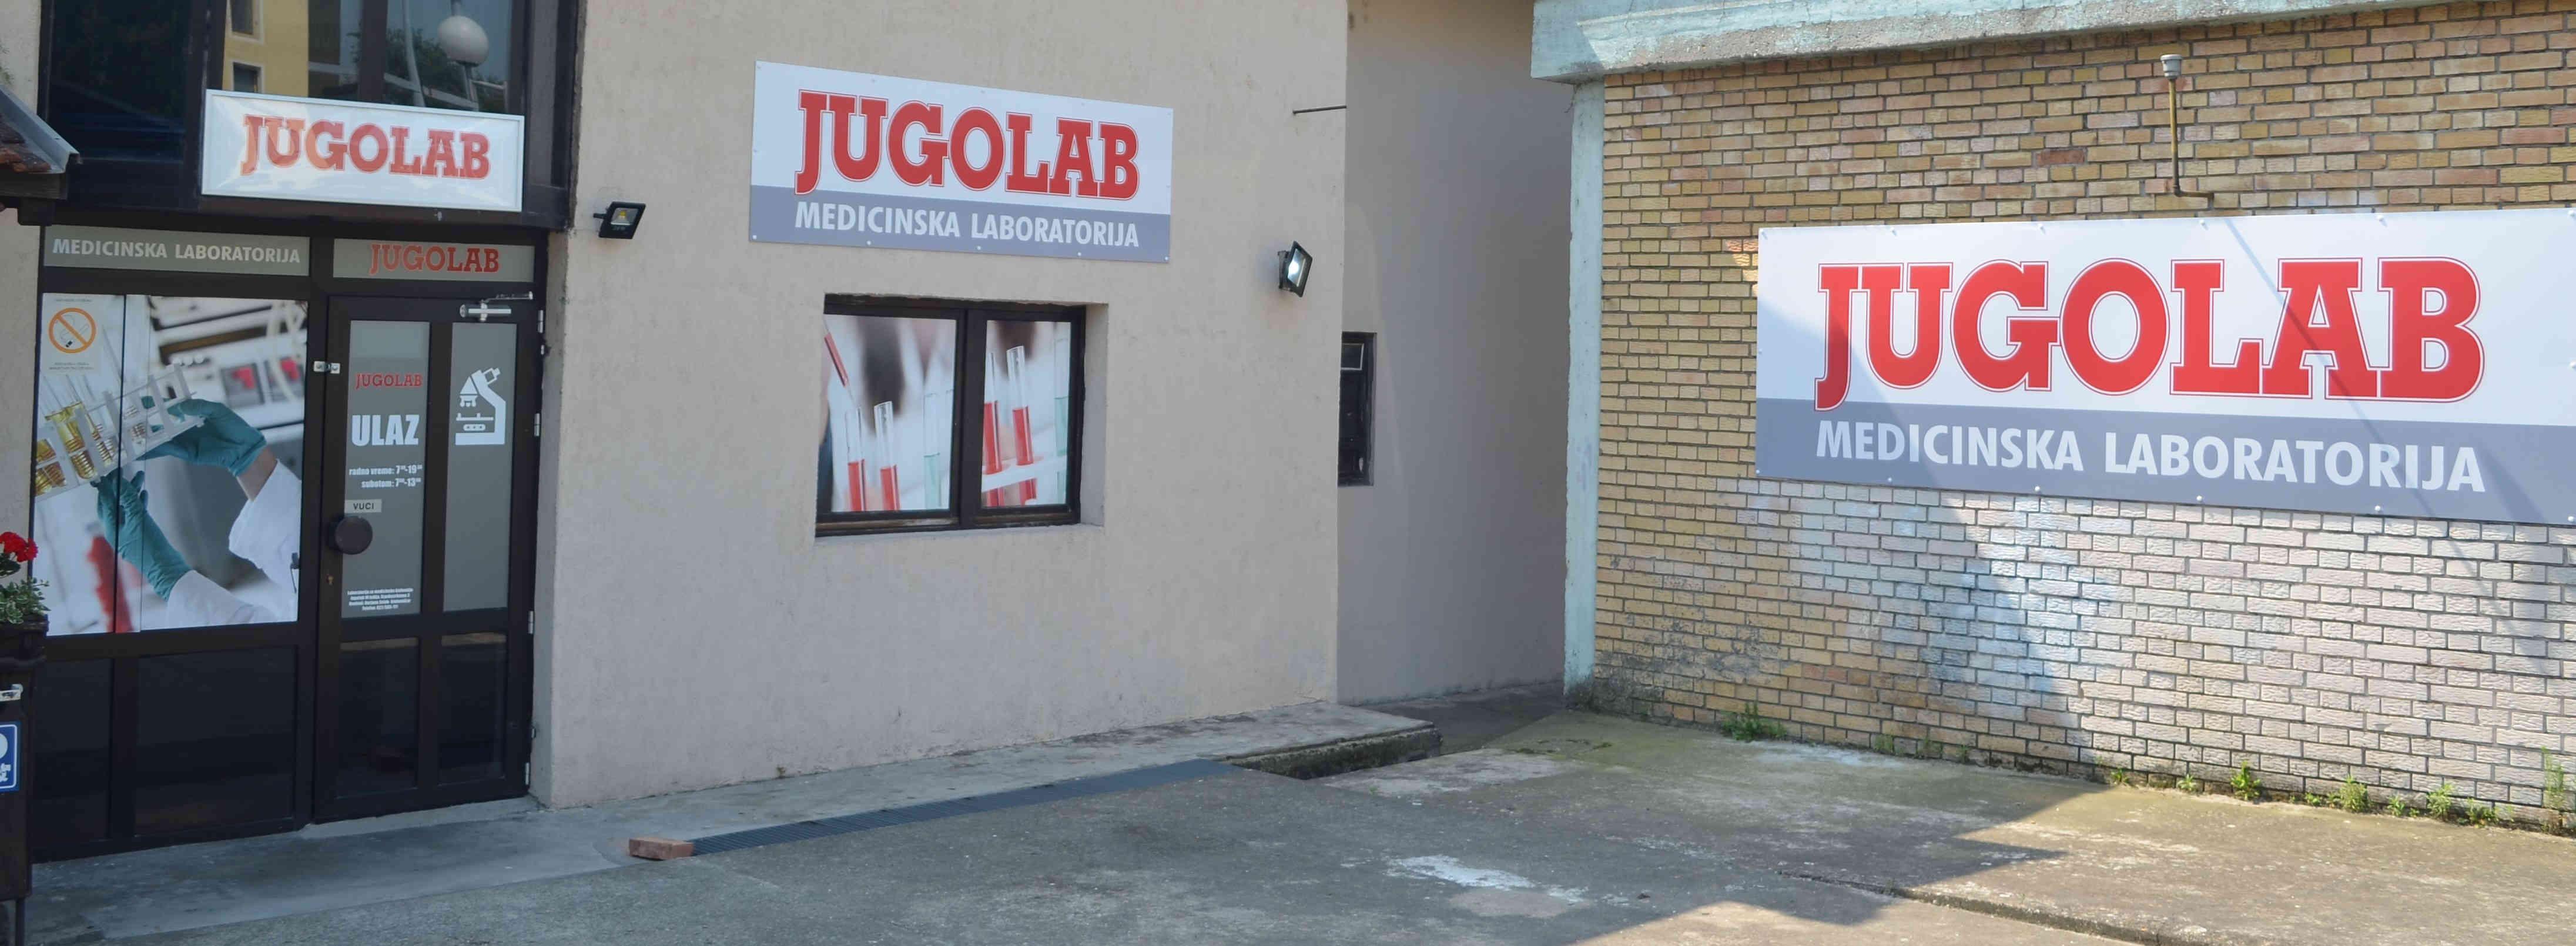 Laboratorije | Jugolab